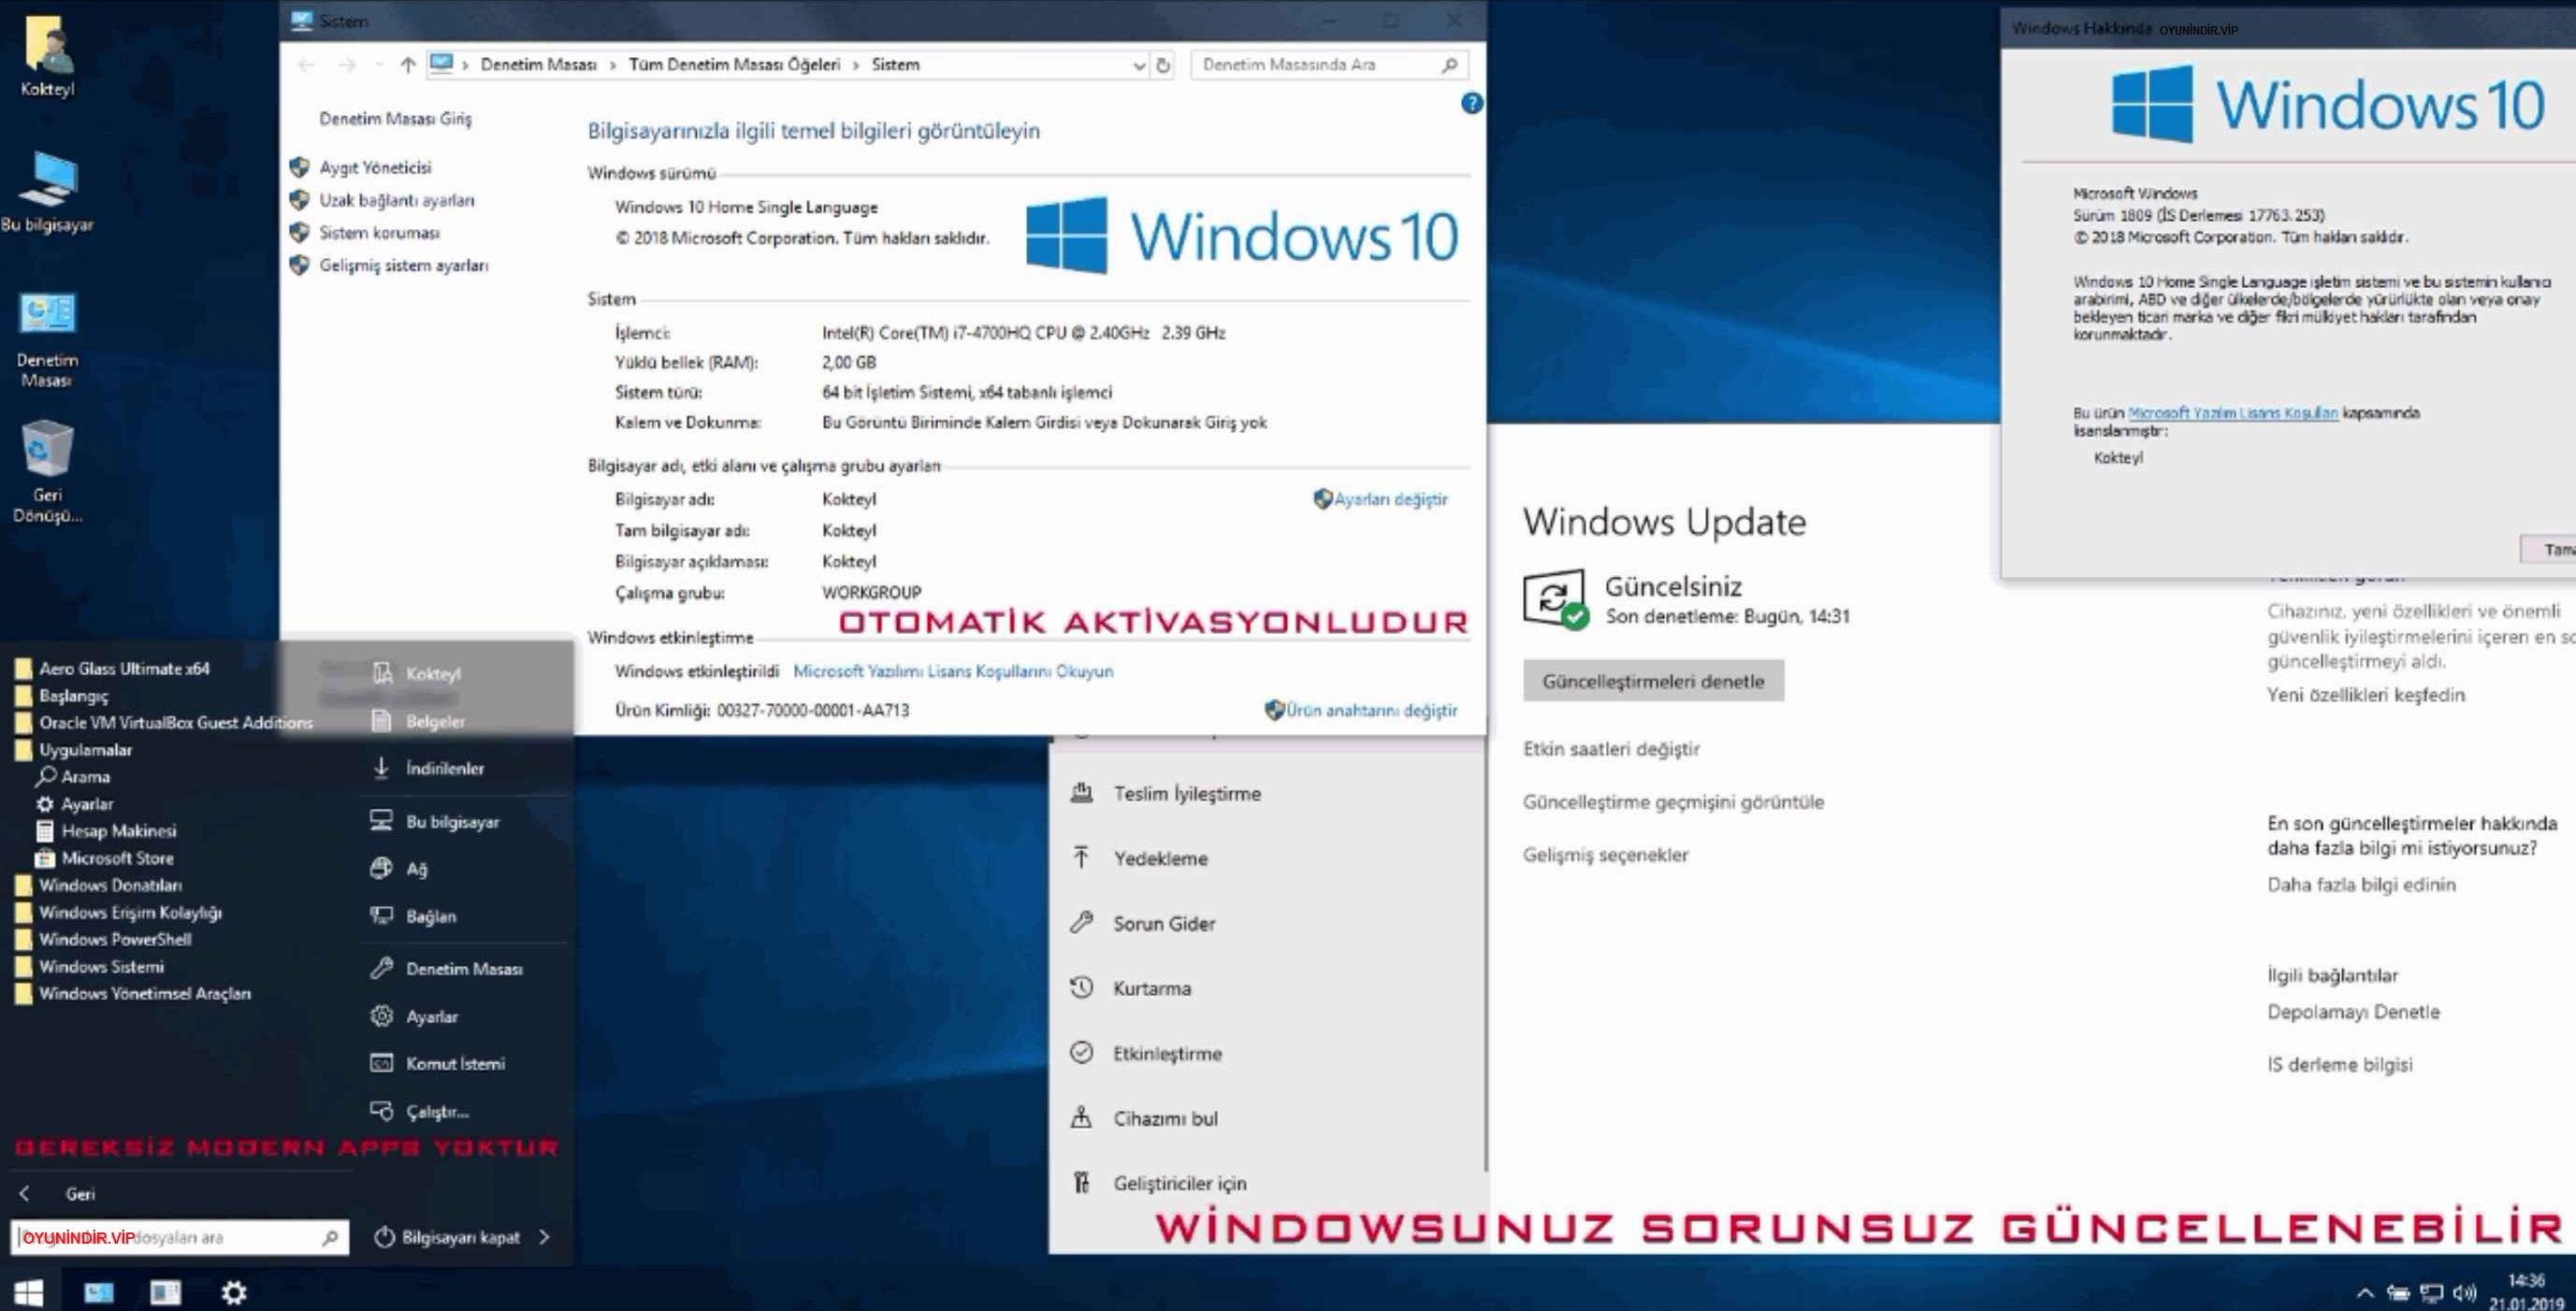 Windows 10 LTSC 2019 Kokteyl Edition İndir Türkçe Hızlı Son Sürüm